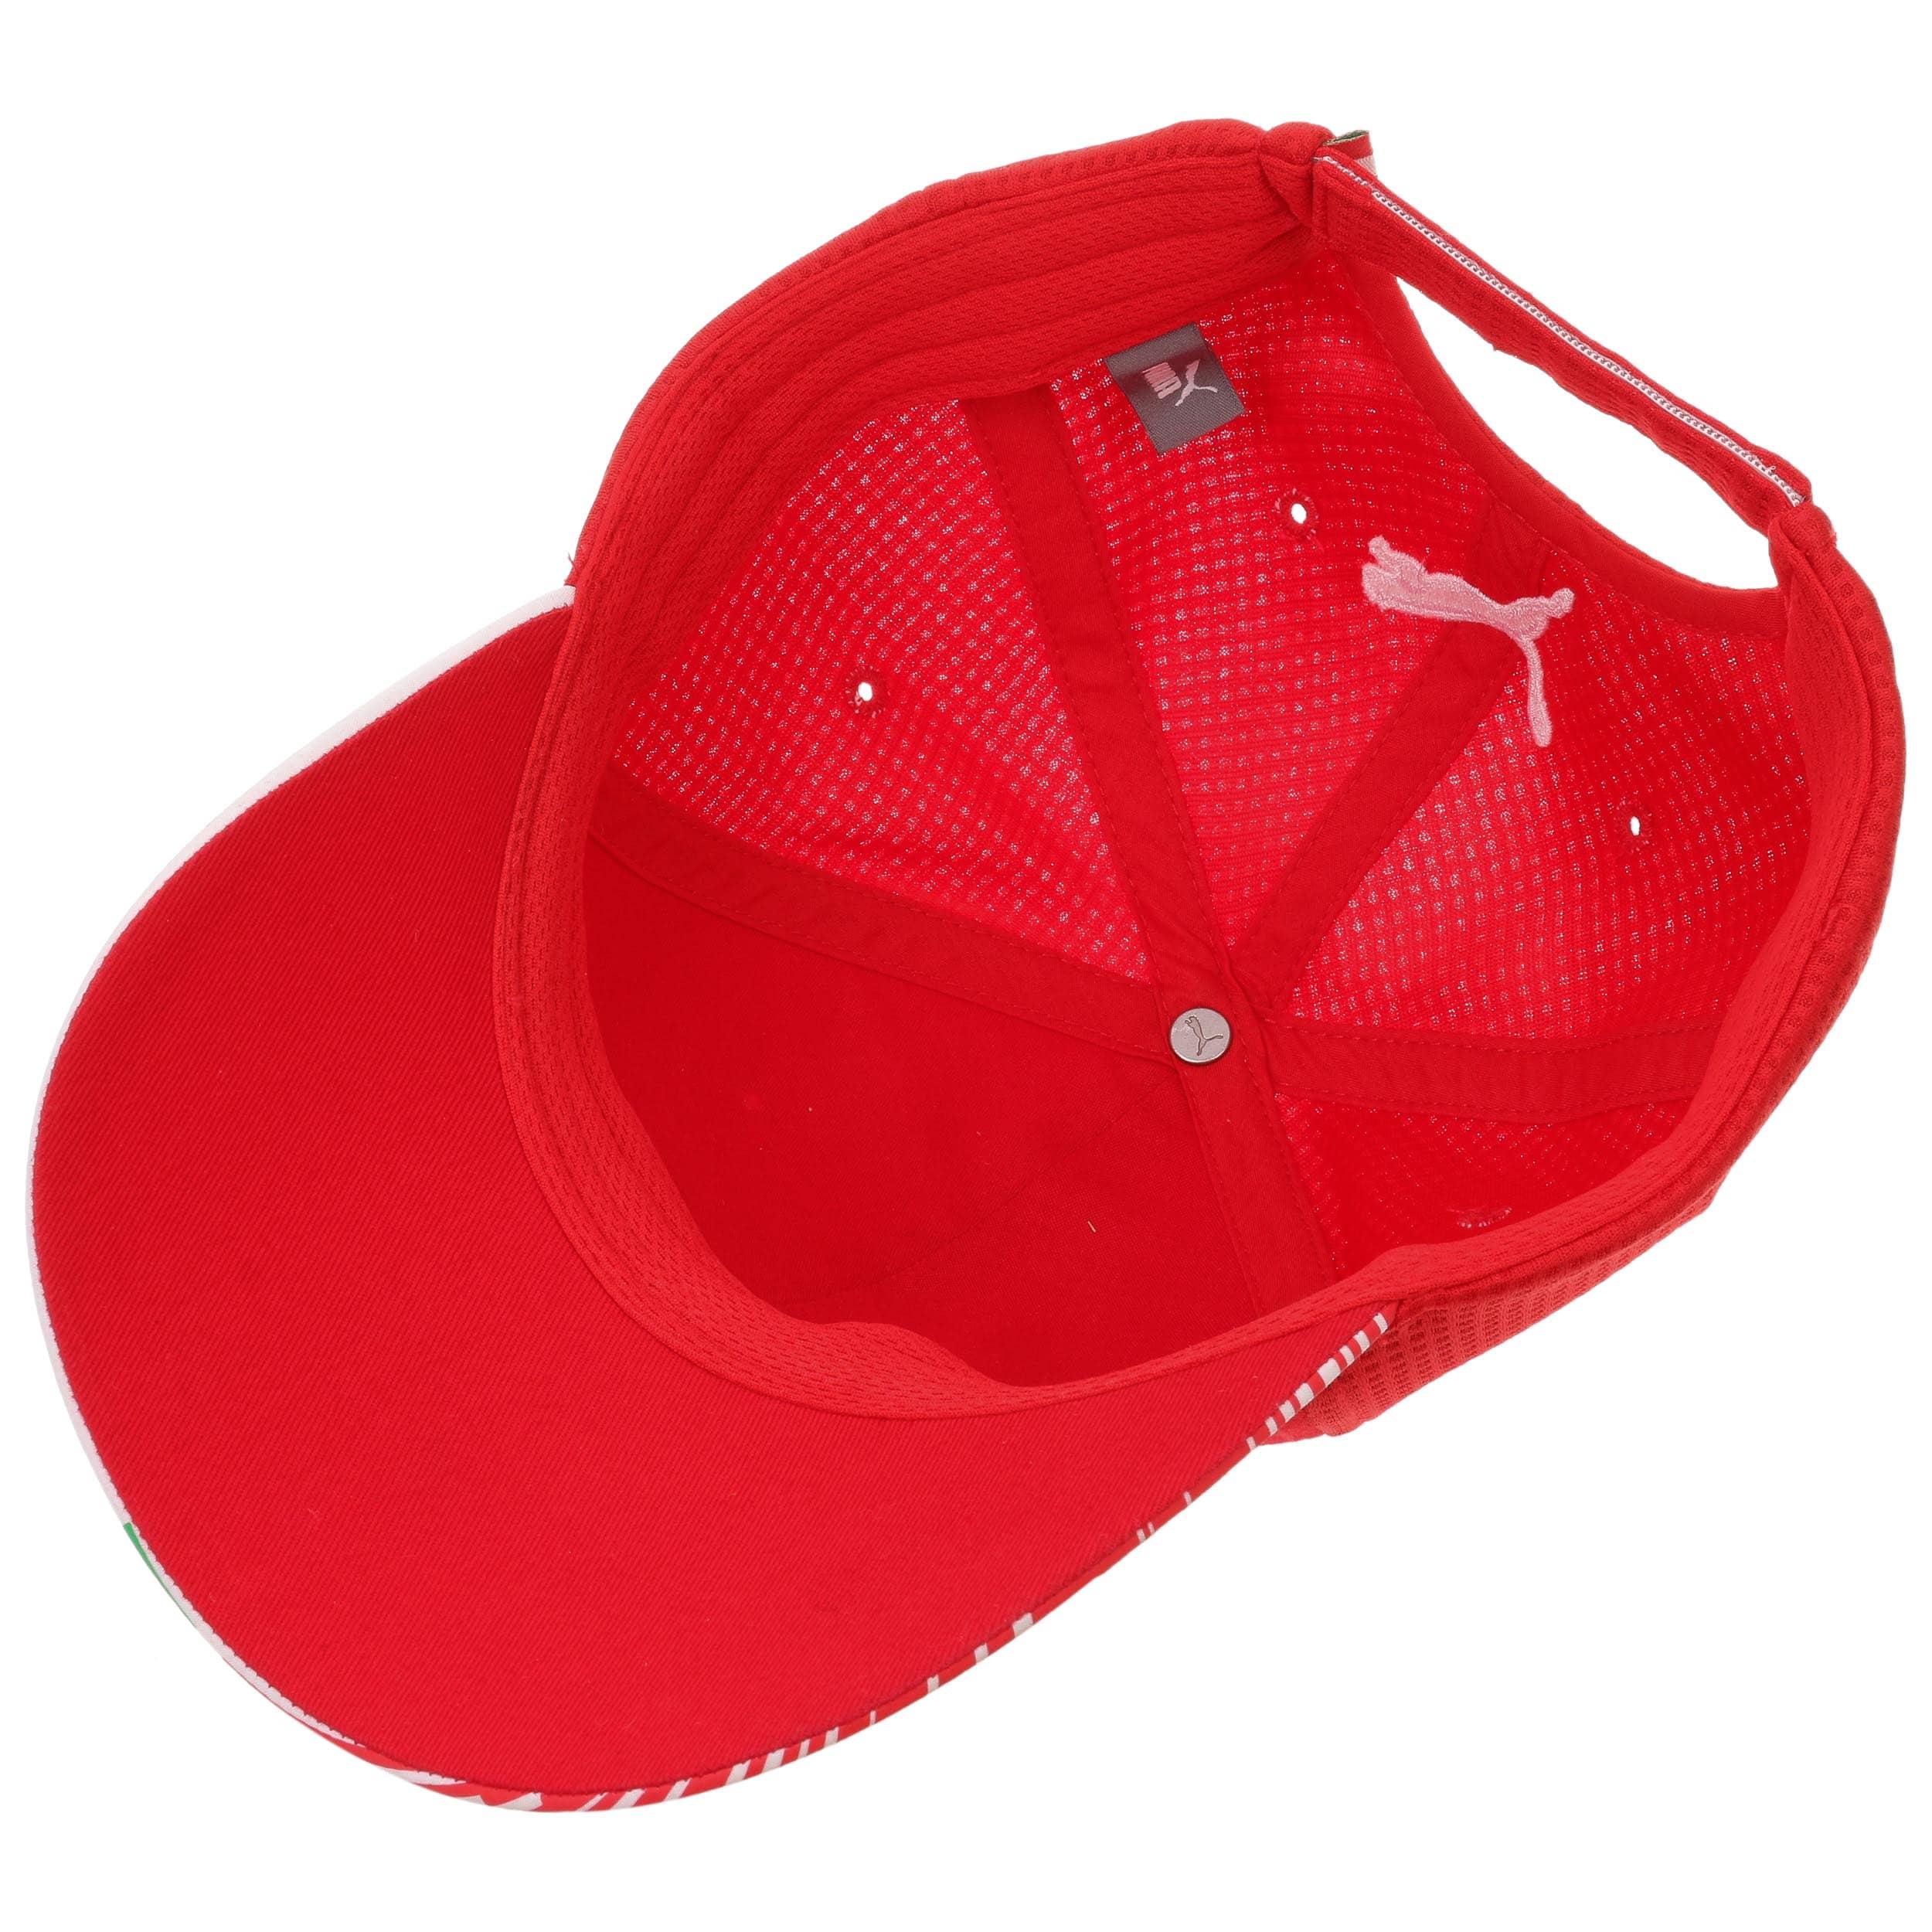 Gorra Ferrari Replica Team by PUMA - Gorras - sombreroshop.es 4e522818201